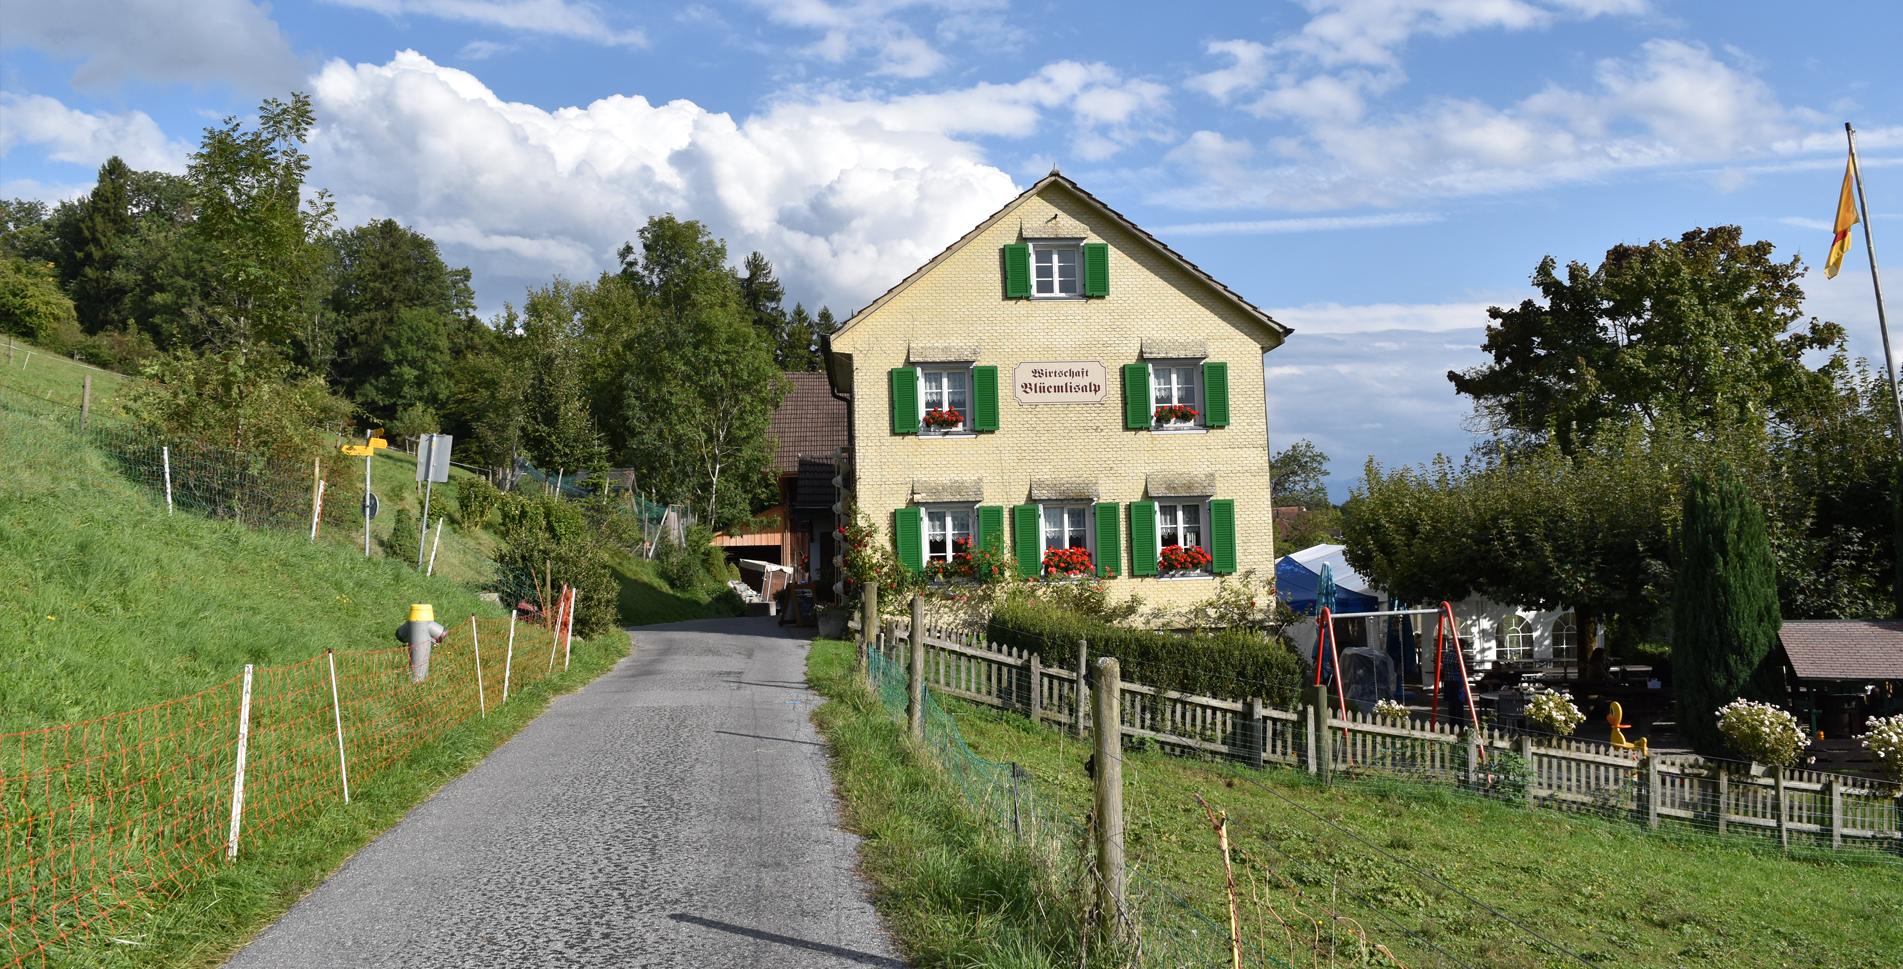 Wanderung von Zumikon via Mülitobelweg, Mülitobel, Tobelmüli, Küsnachter Berg zur tiefstgelegenen Alp des Kantons Zürich zum Restaurant Blüemlisalp in Herrliberg und weiter via Erlenbacher Tobel nach Erlenbach am Zürichsee